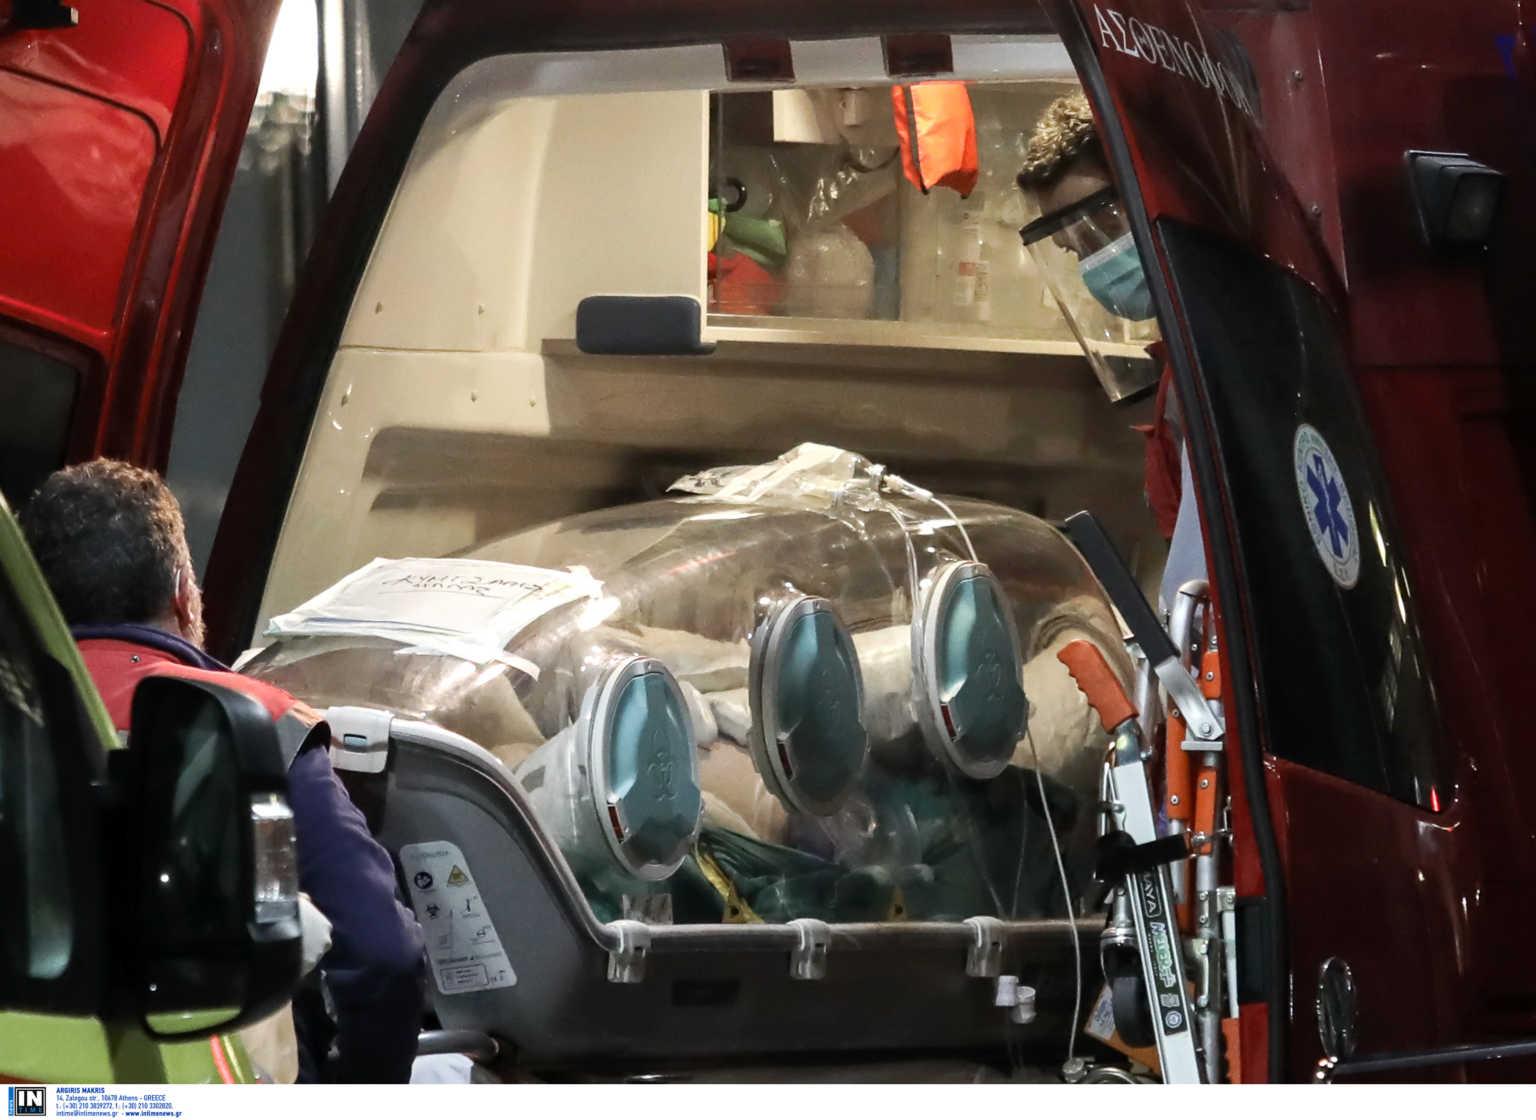 Πέθανε ένας από τους τρεις ασθενείς που μεταφέρθηκαν με C130 από την Δράμα στην Αθήνα